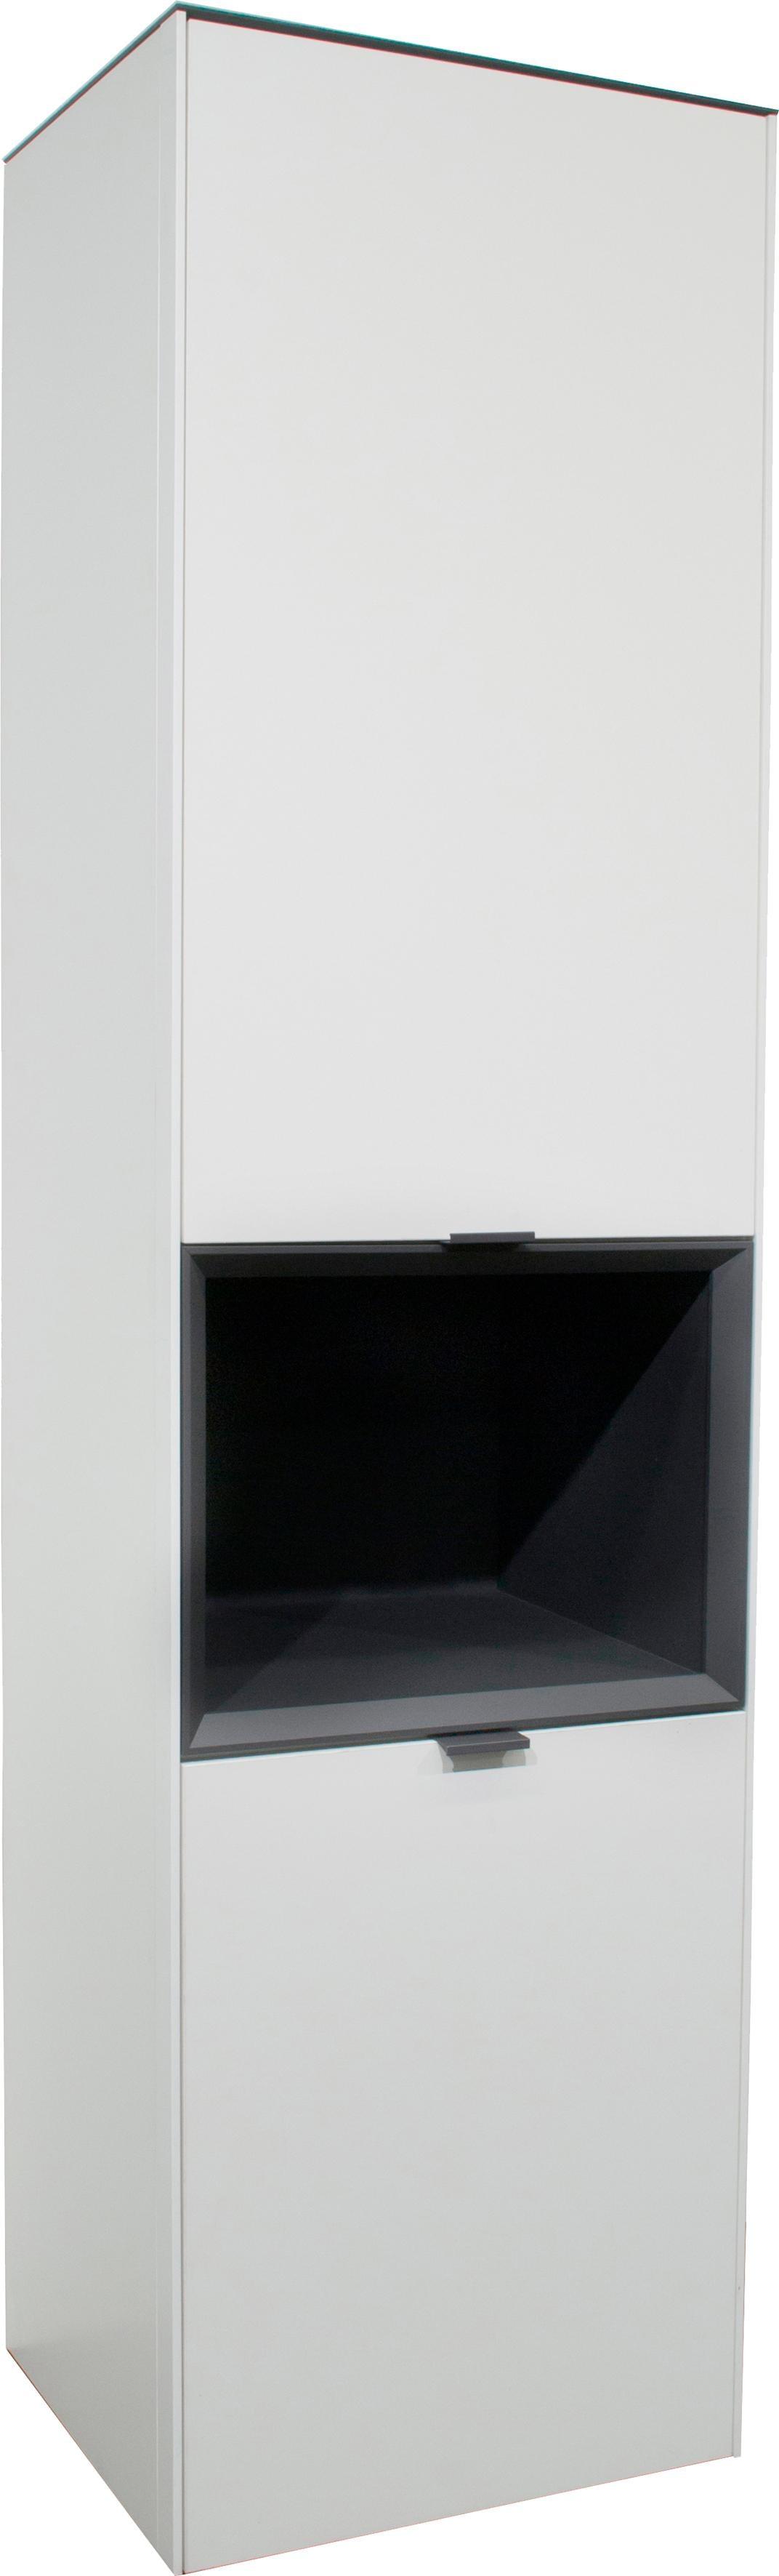 Stauraumvitrine »Micelli«, Höhe 195 cm | Wohnzimmer > Vitrinen > Standvitrinen | QUELLE